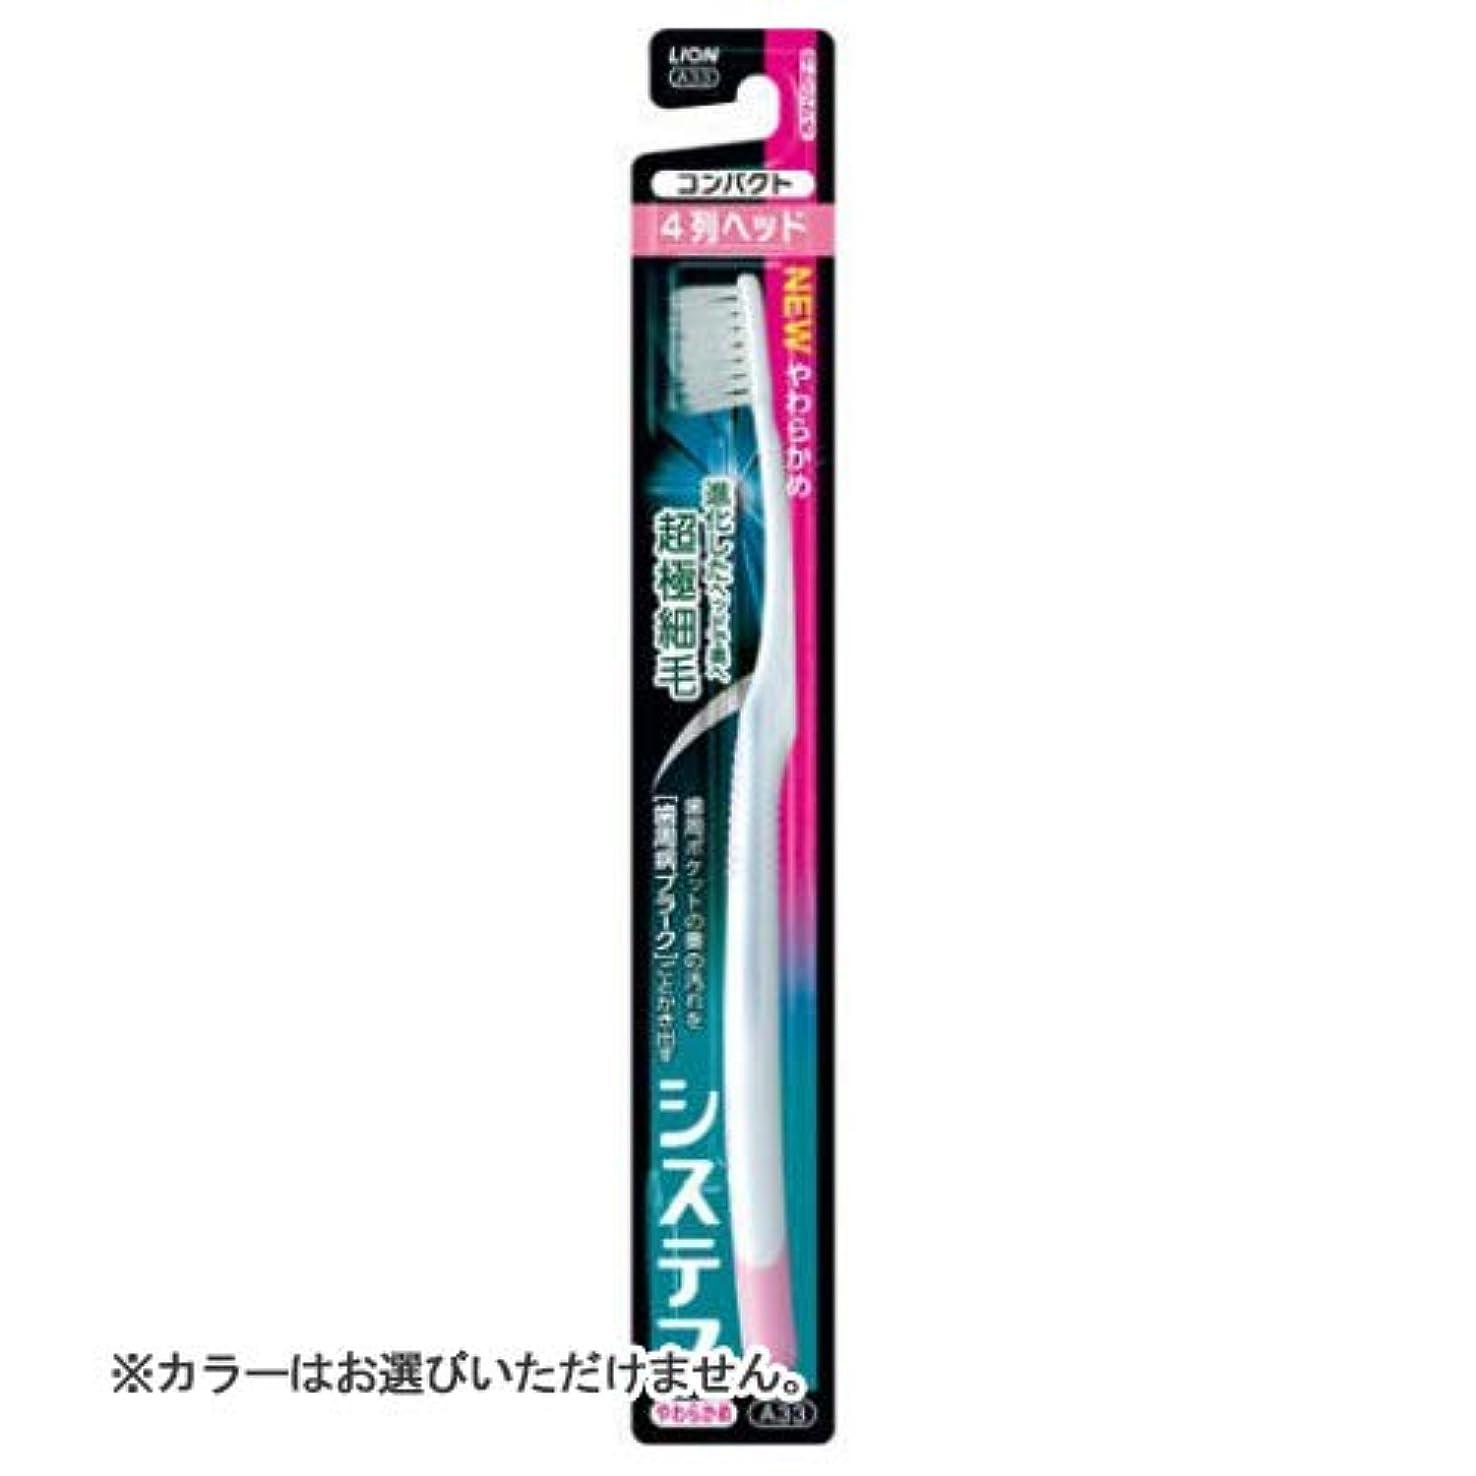 呼吸する軍艦値ライオン システマ ハブラシ コンパクト4列 やわらかめ (1本) 大人用 歯ブラシ